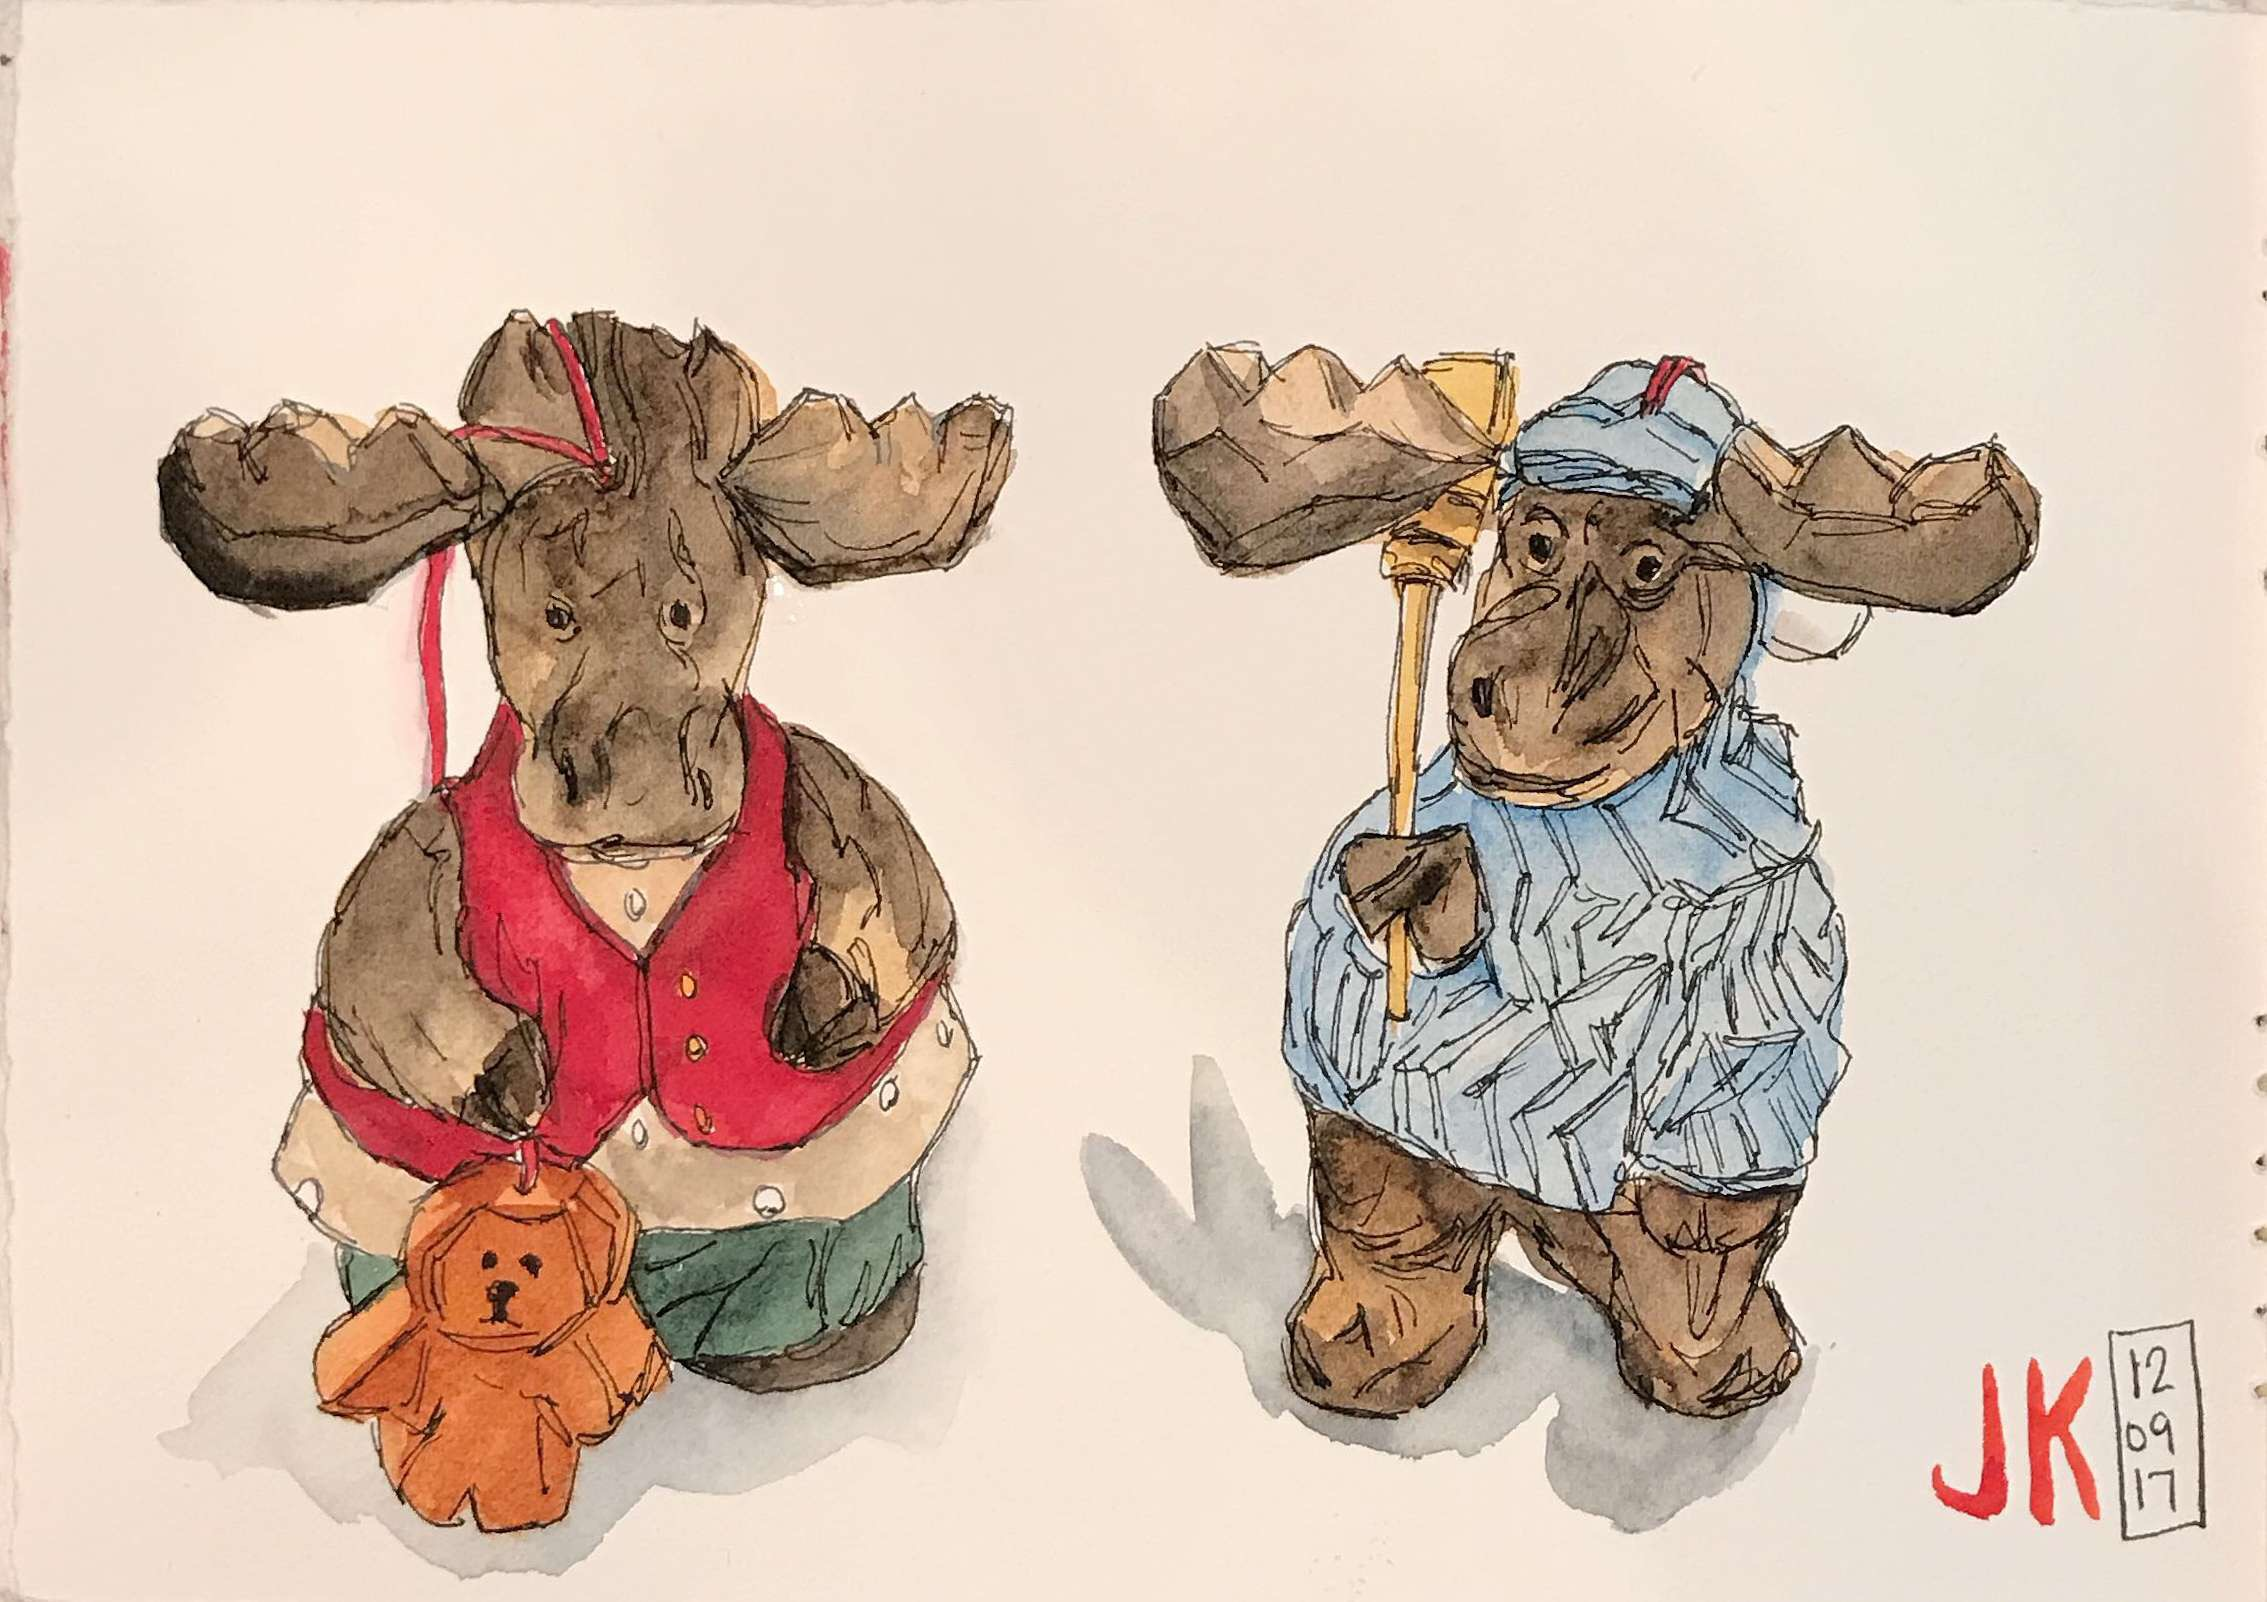 More moose ornaments